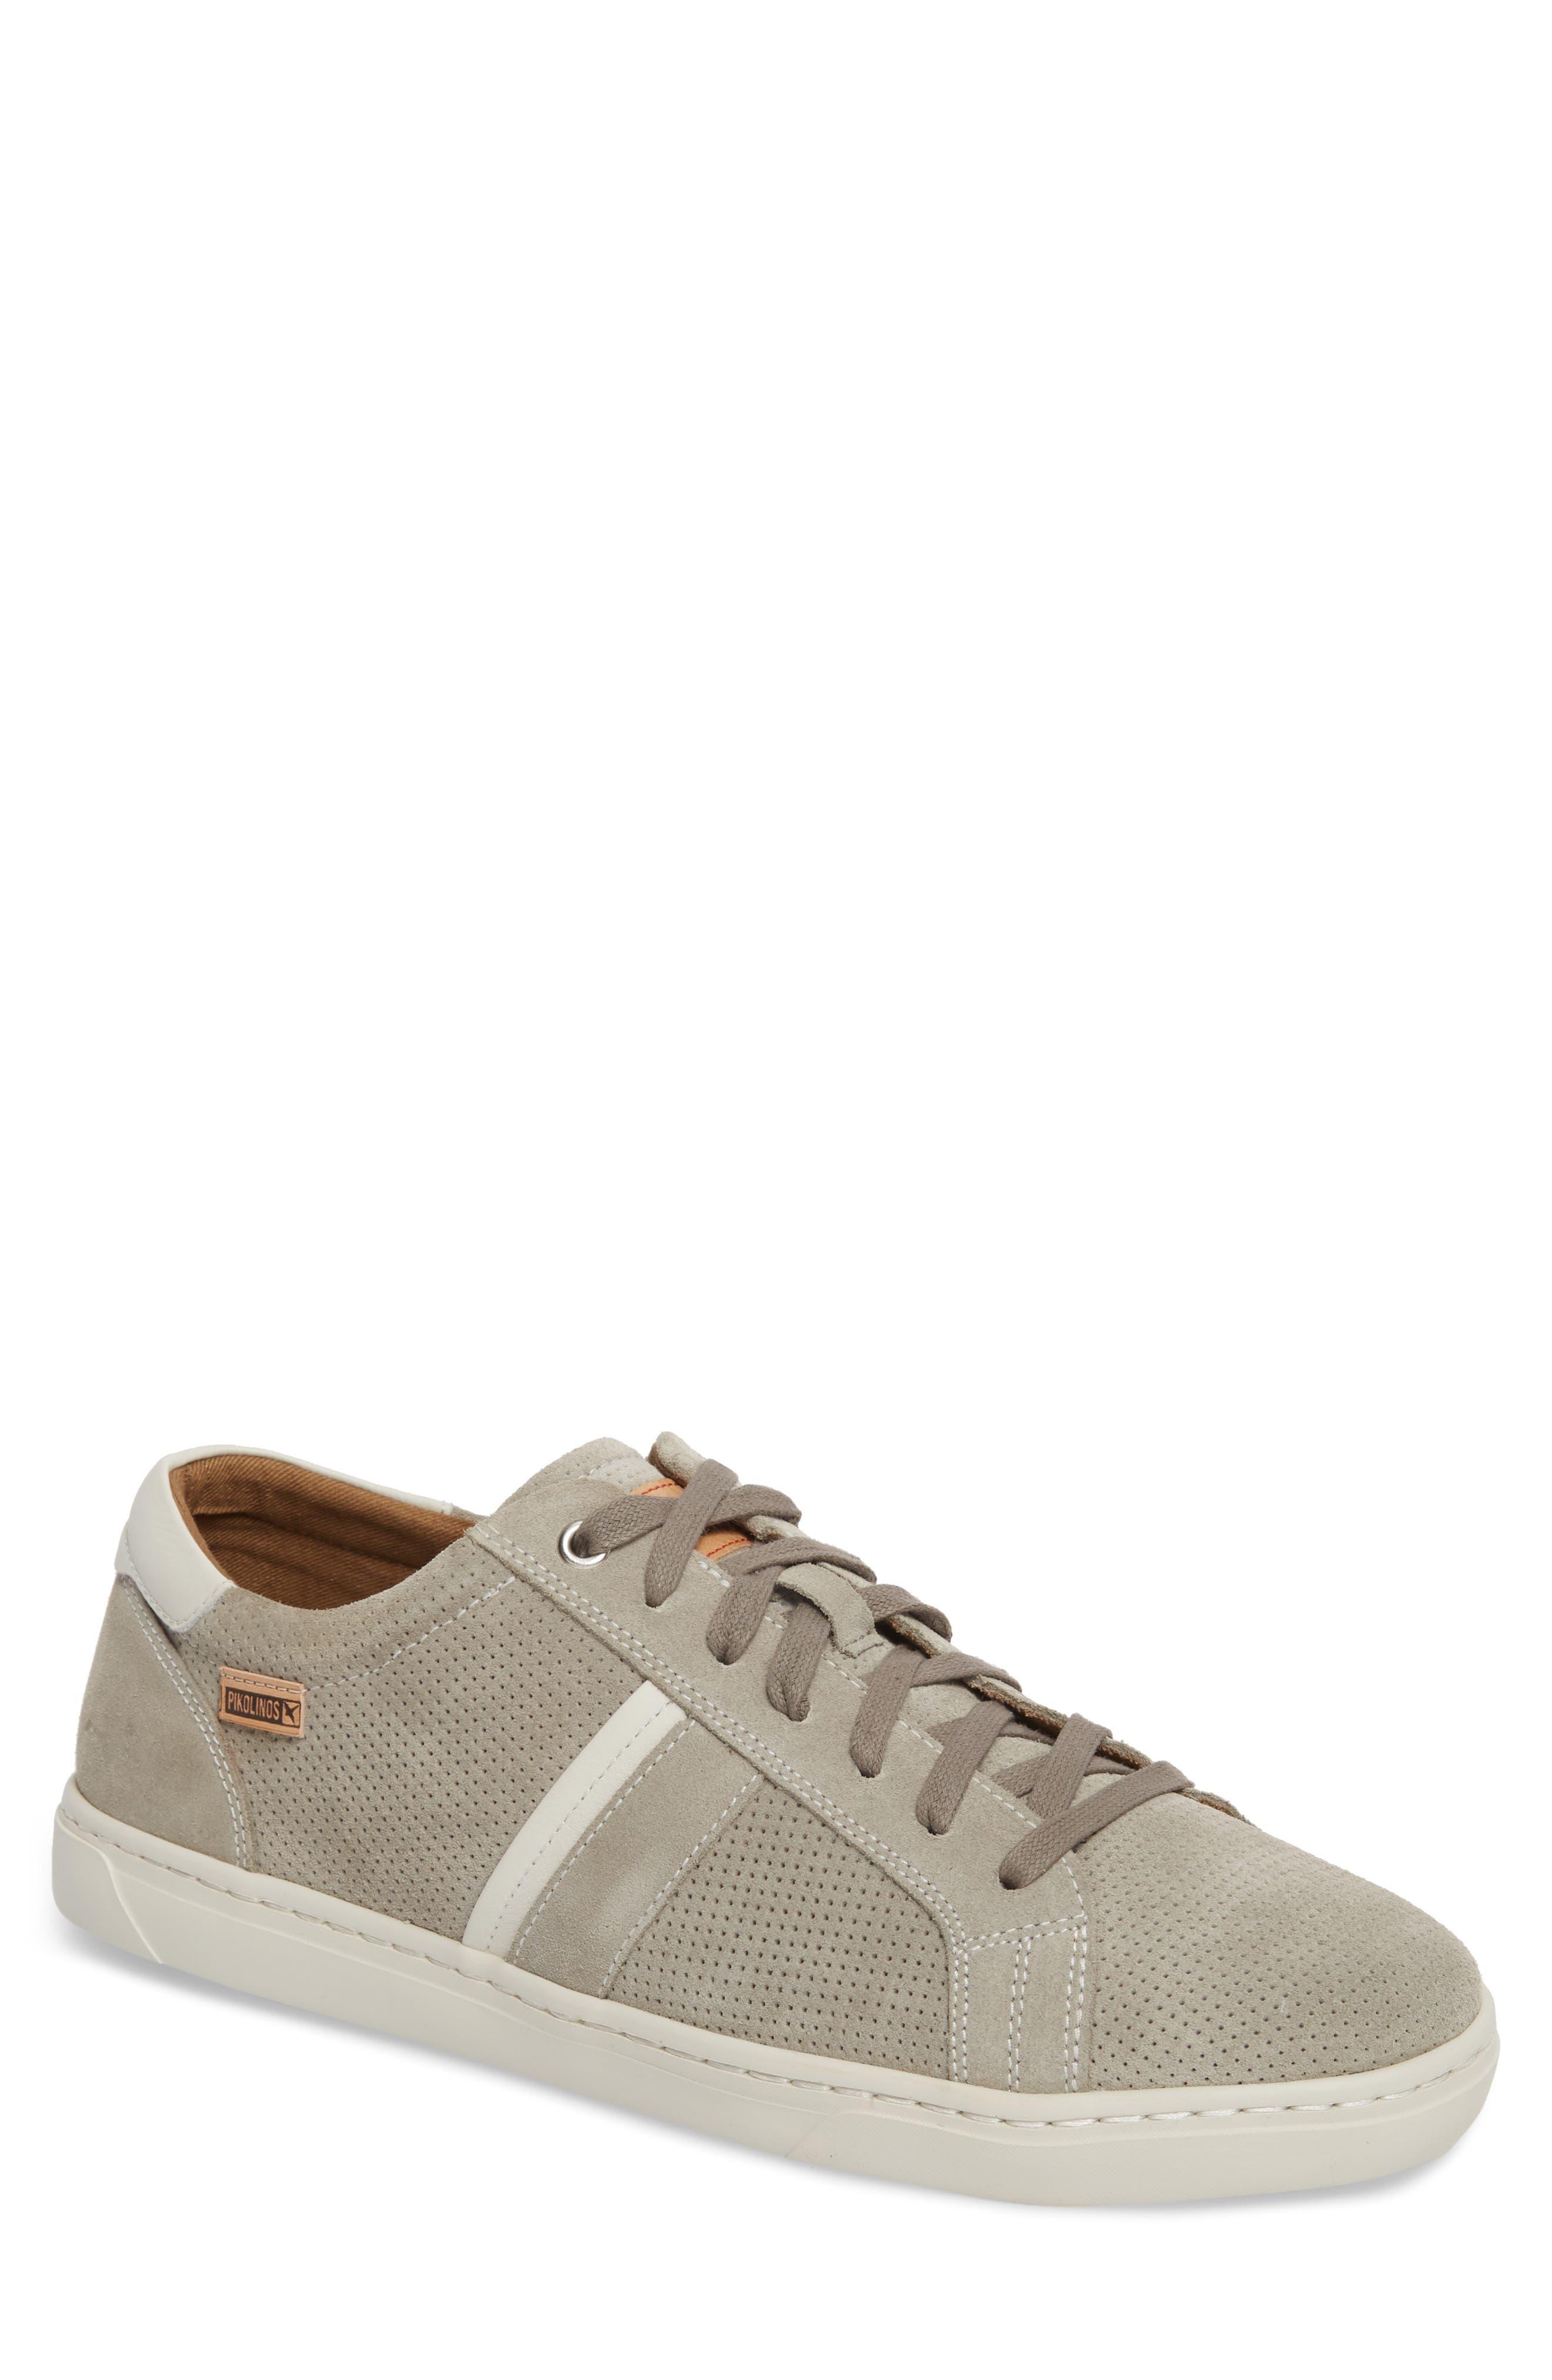 Belfort Perforated Sneaker,                         Main,                         color, 020